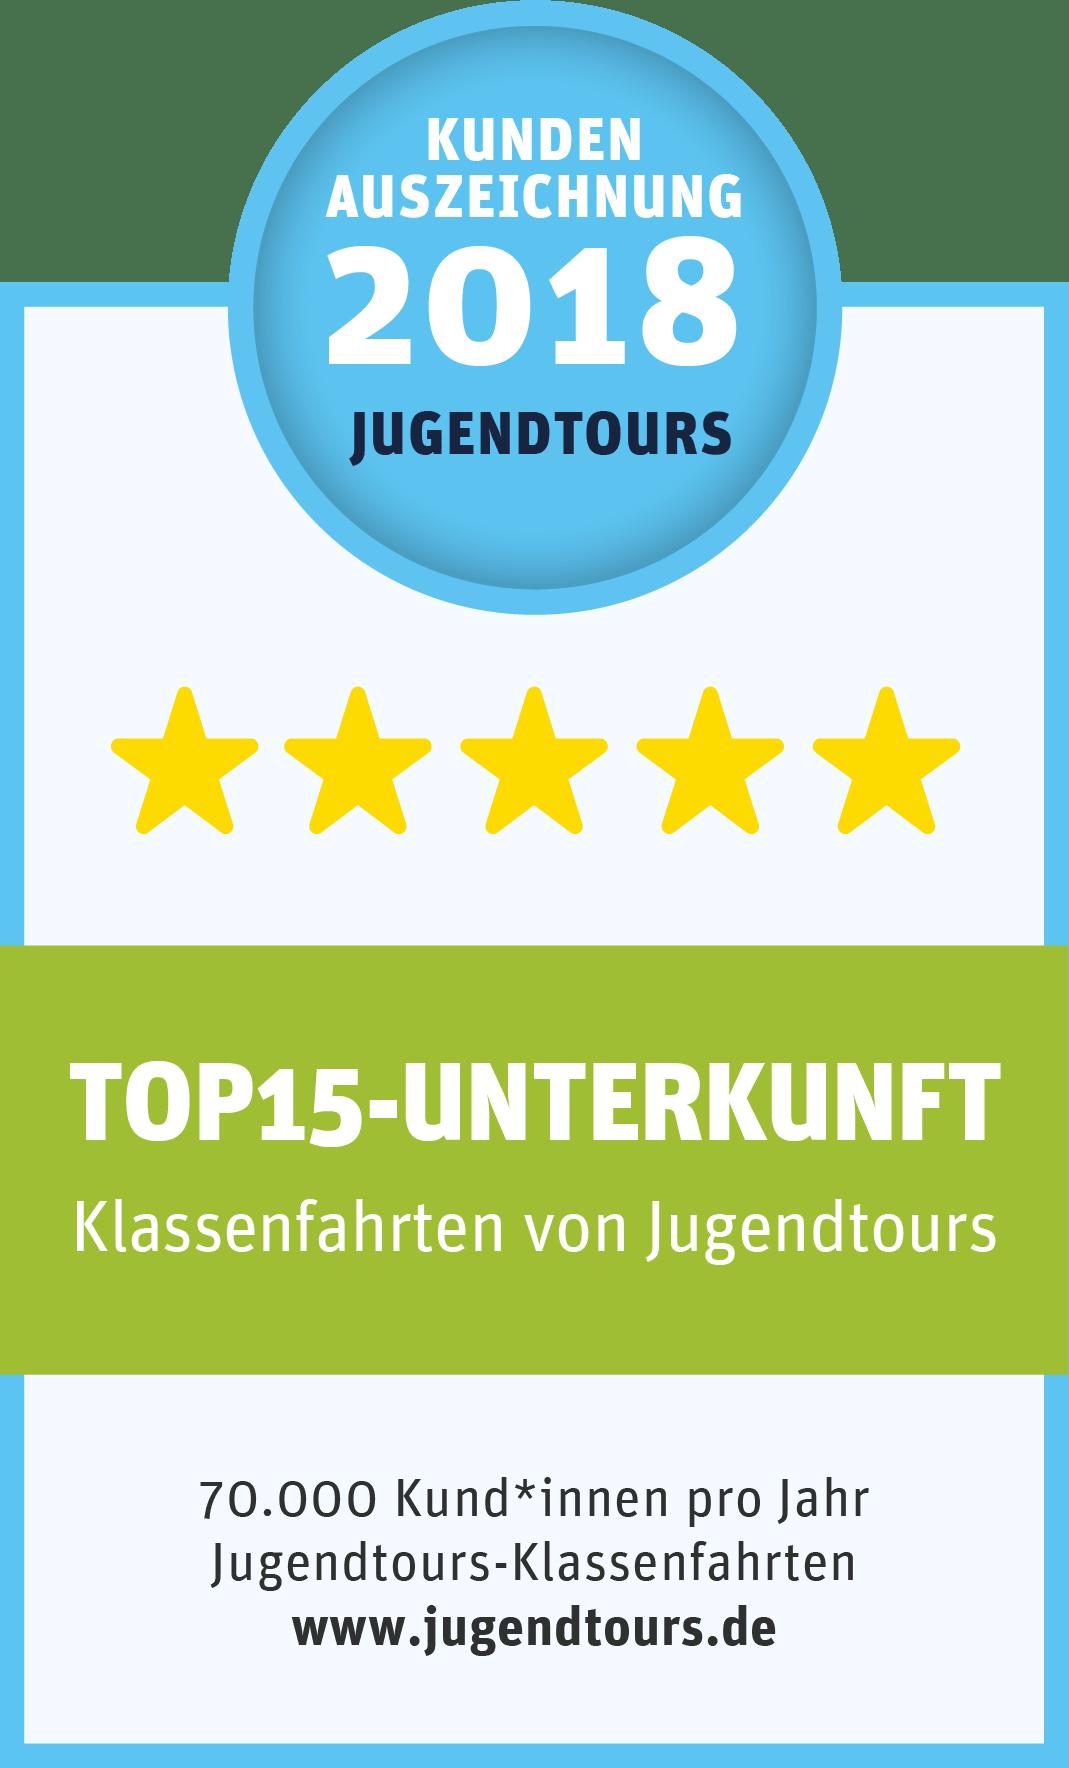 Top-Unterkunft 2018 – Kundenauszeichnung Klassenfahrten, prämiert von Jugendtours